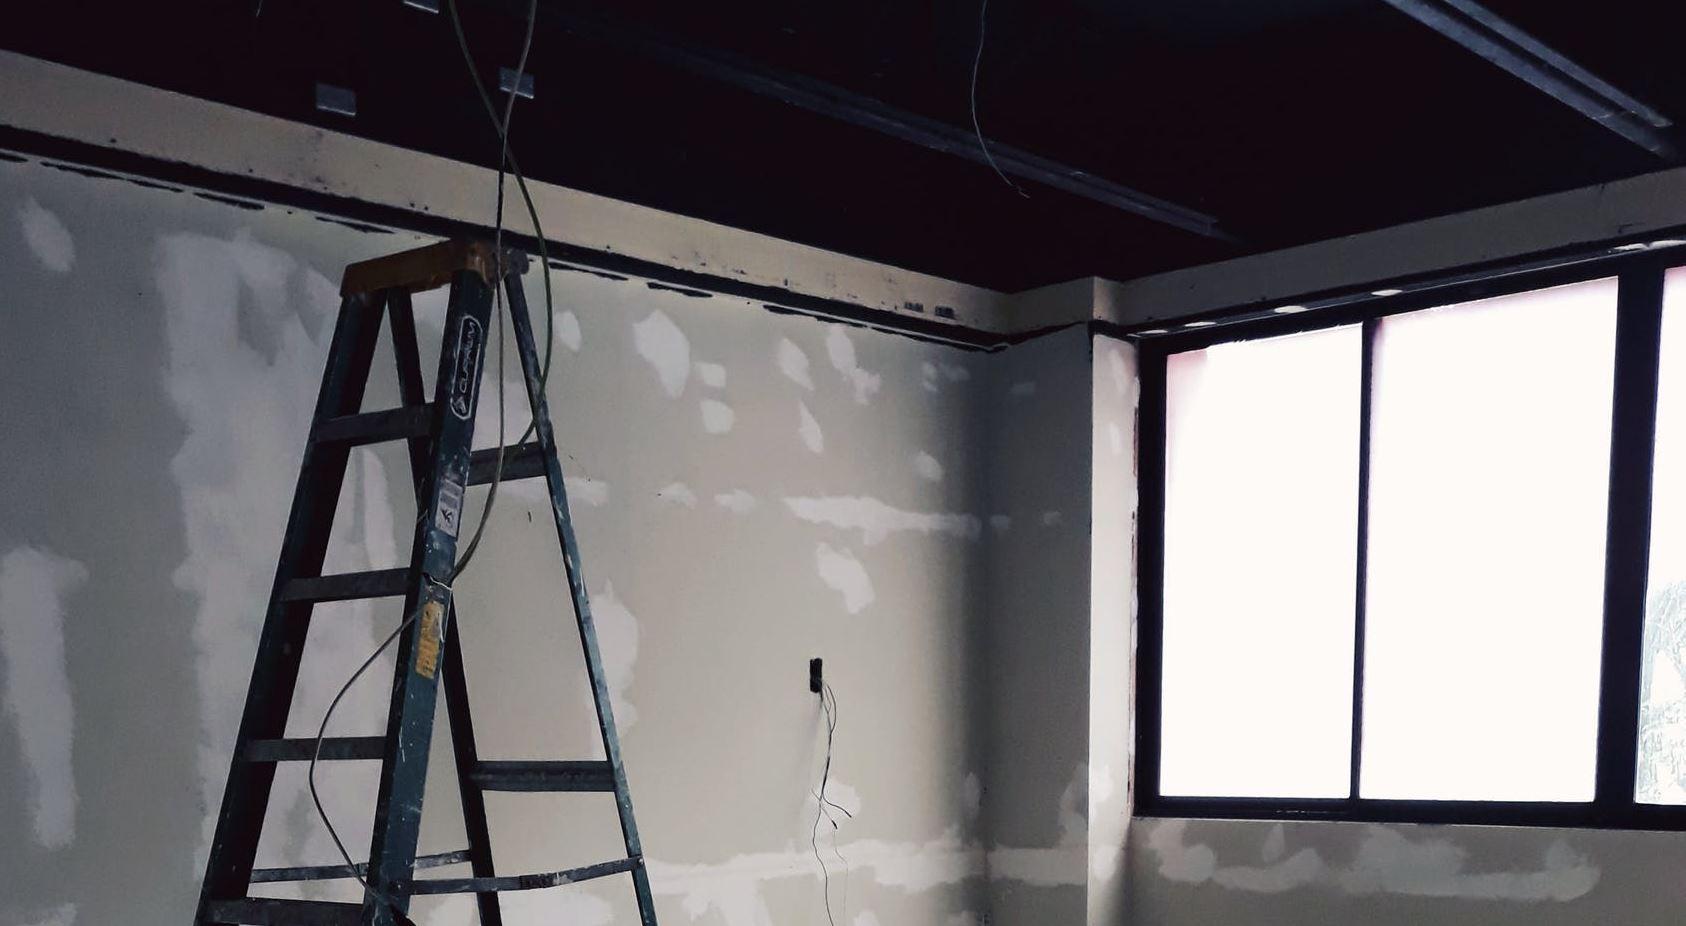 Fenêtre neuve installée pendant des travaux de rénovation dans une maison